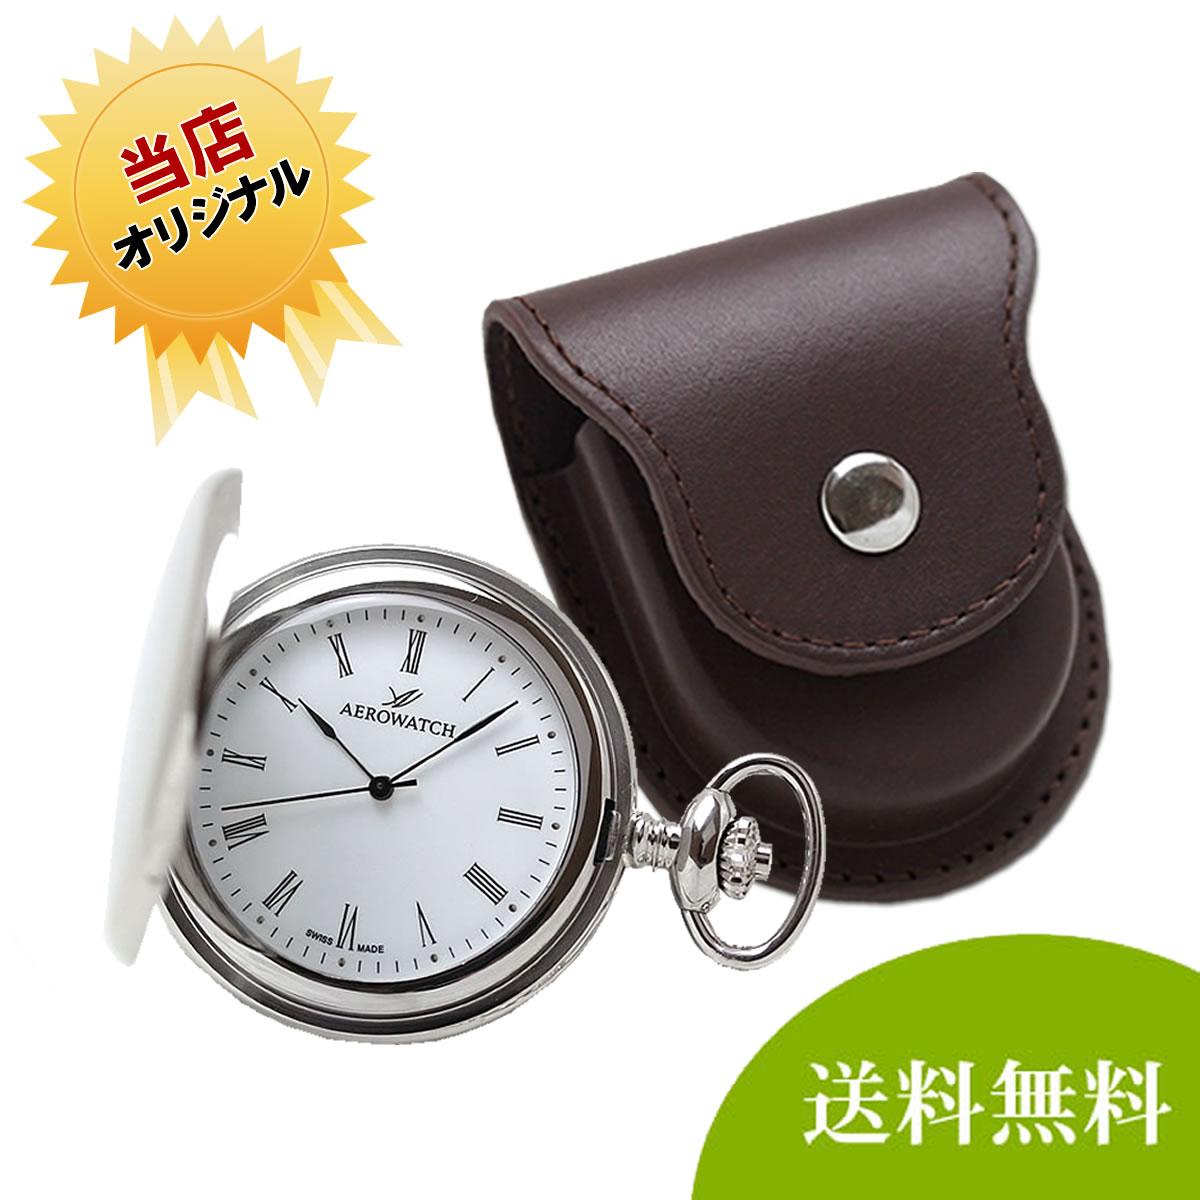 アエロ(AERO)クォーツ式懐中時計と正美堂オリジナル革ケース(ブラウン) セット 04821AA02-SP408F